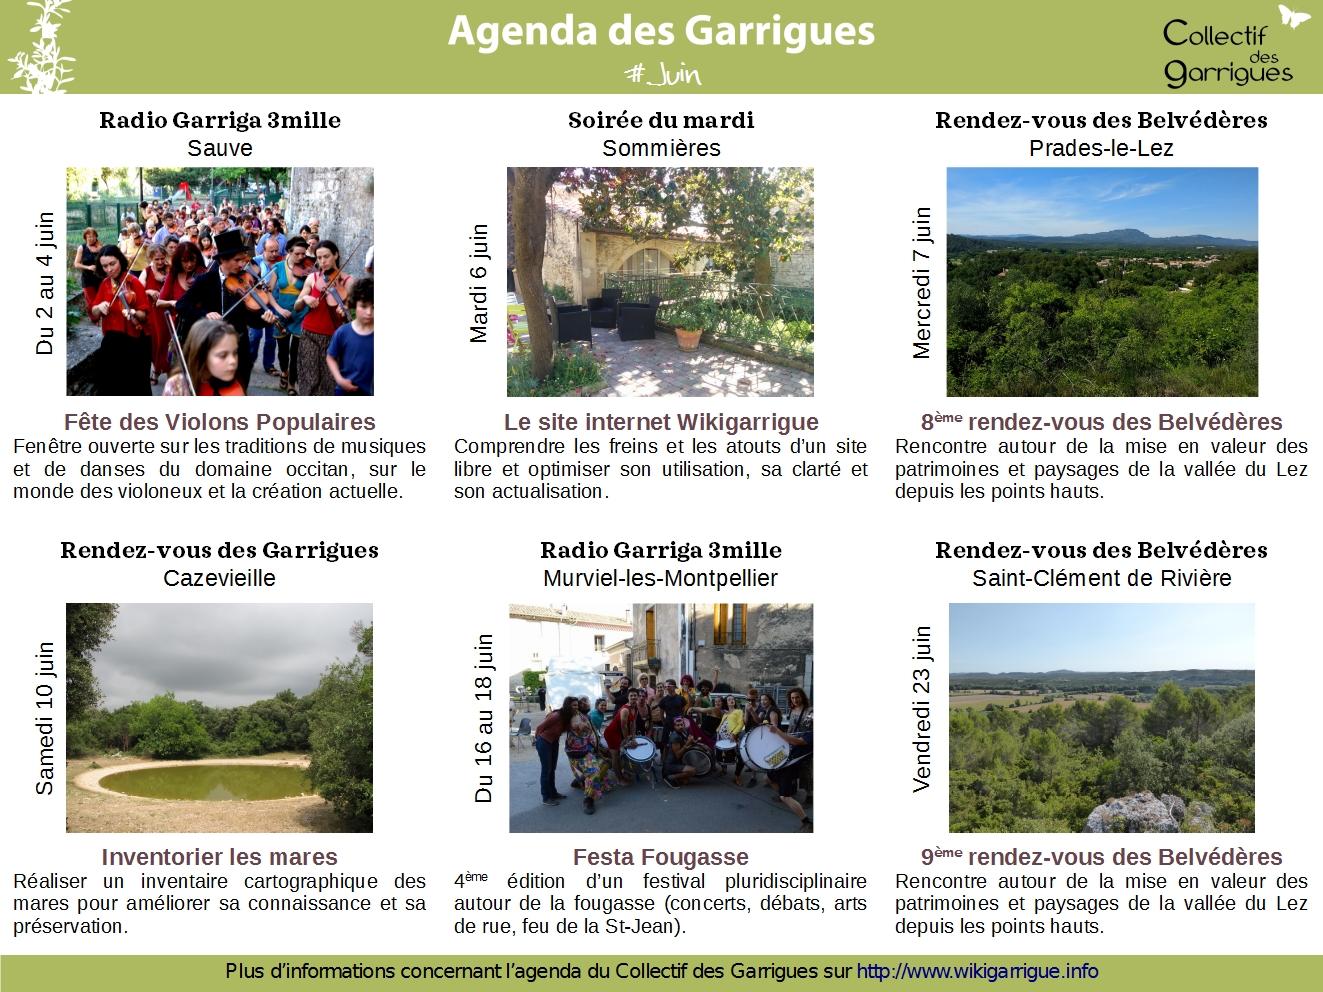 image Agenda_des_Garrigues__Juin.jpg (0.8MB)